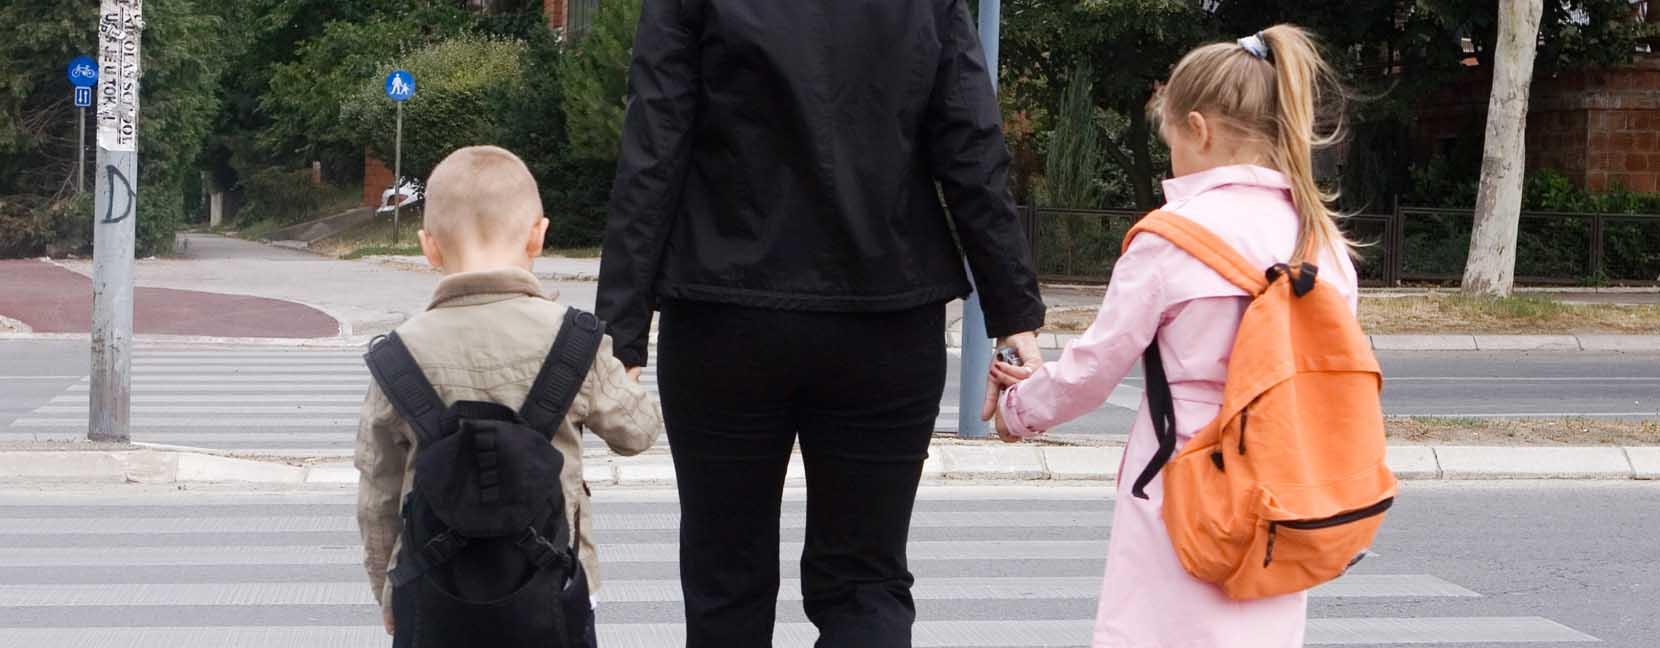 Mamma attraversa la strada tenendo per mano i suoi bambini